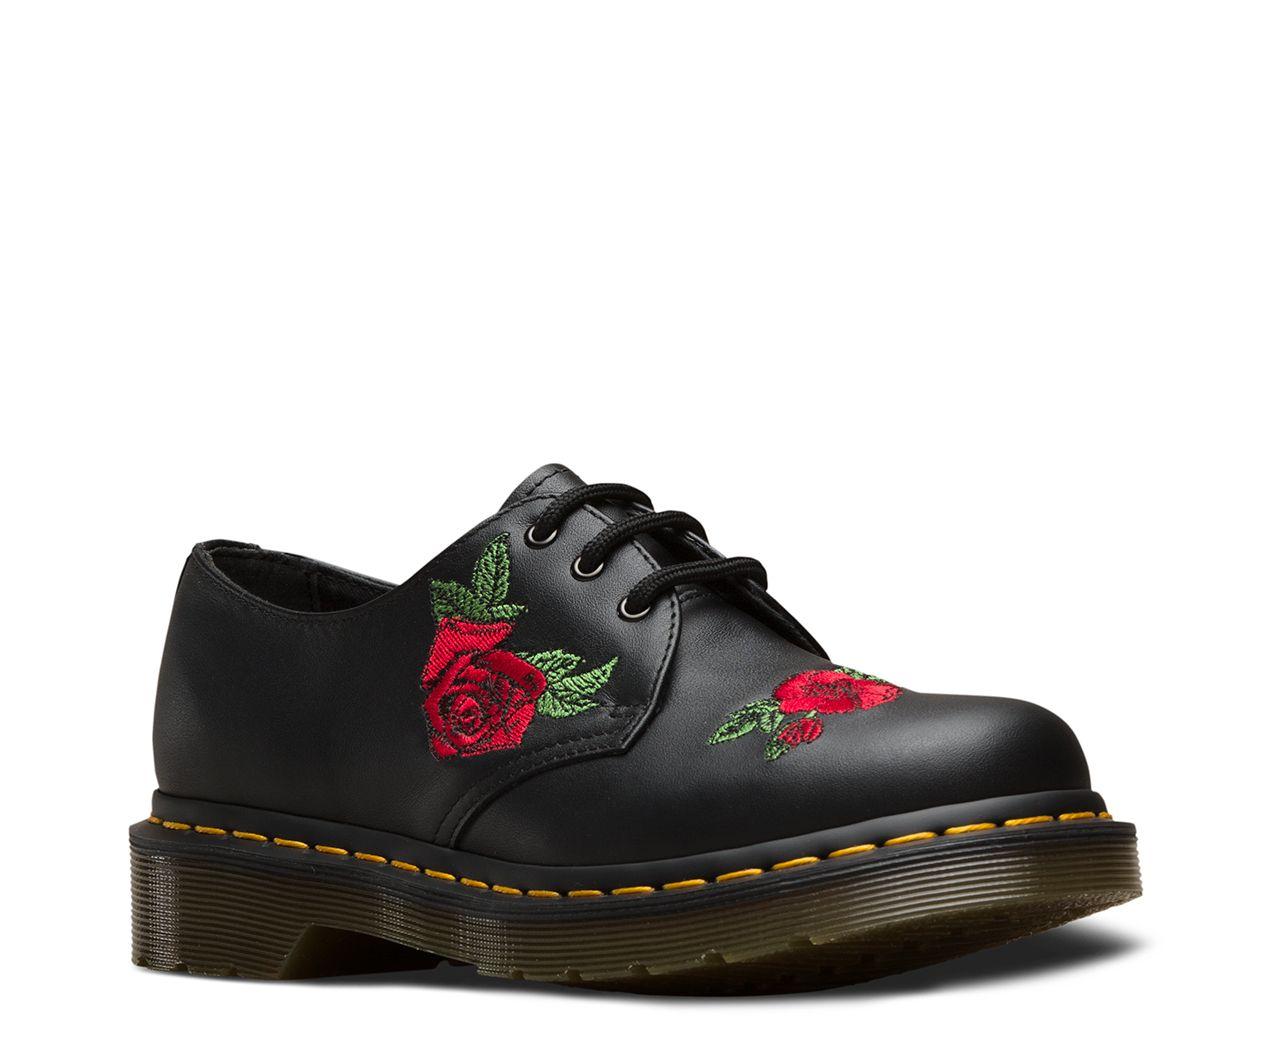 DR MARTENS 1461 VONDA | Boots, Women